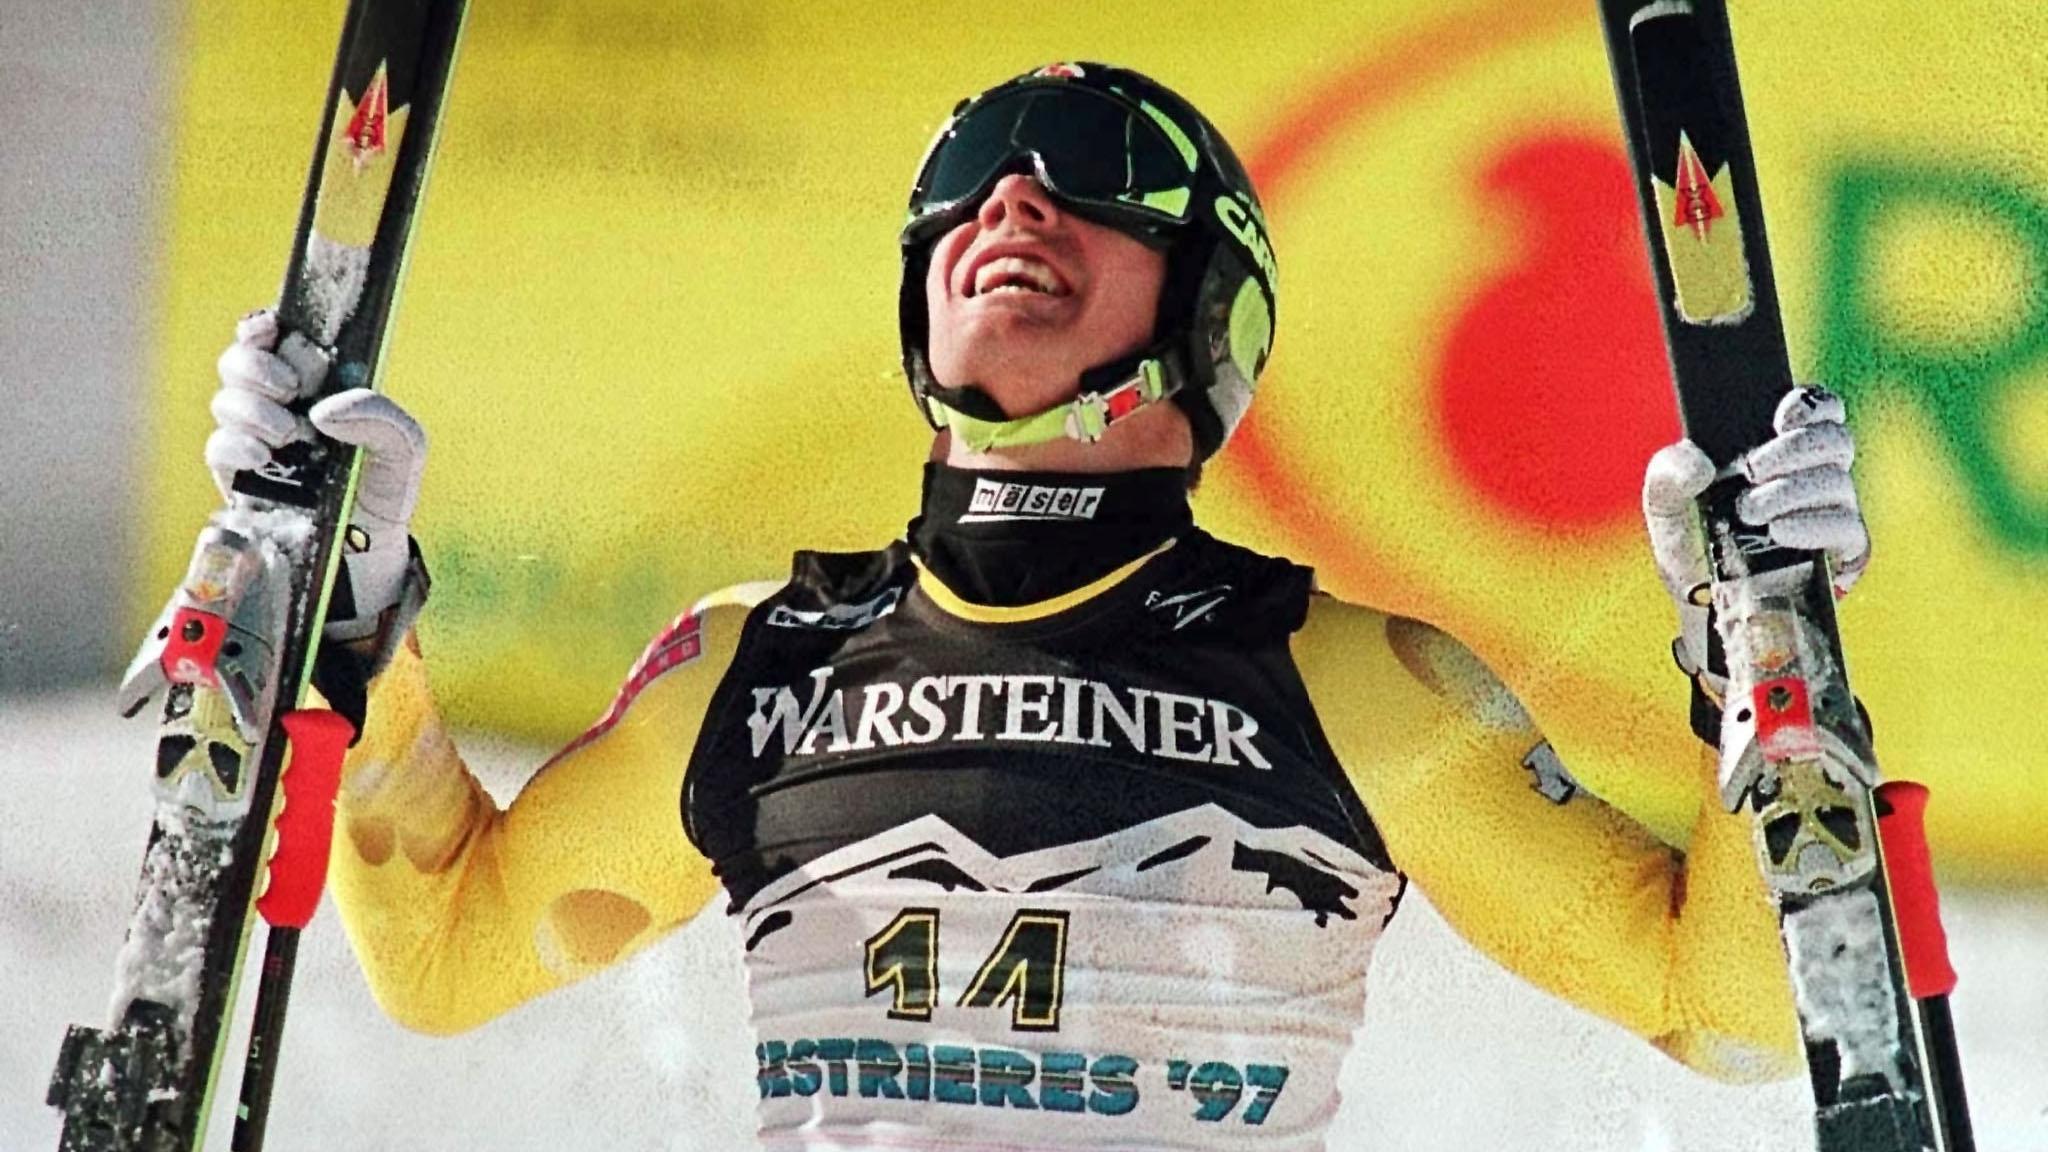 Bruno Kernen blickt auf sein WM-Gold 1997 zurück